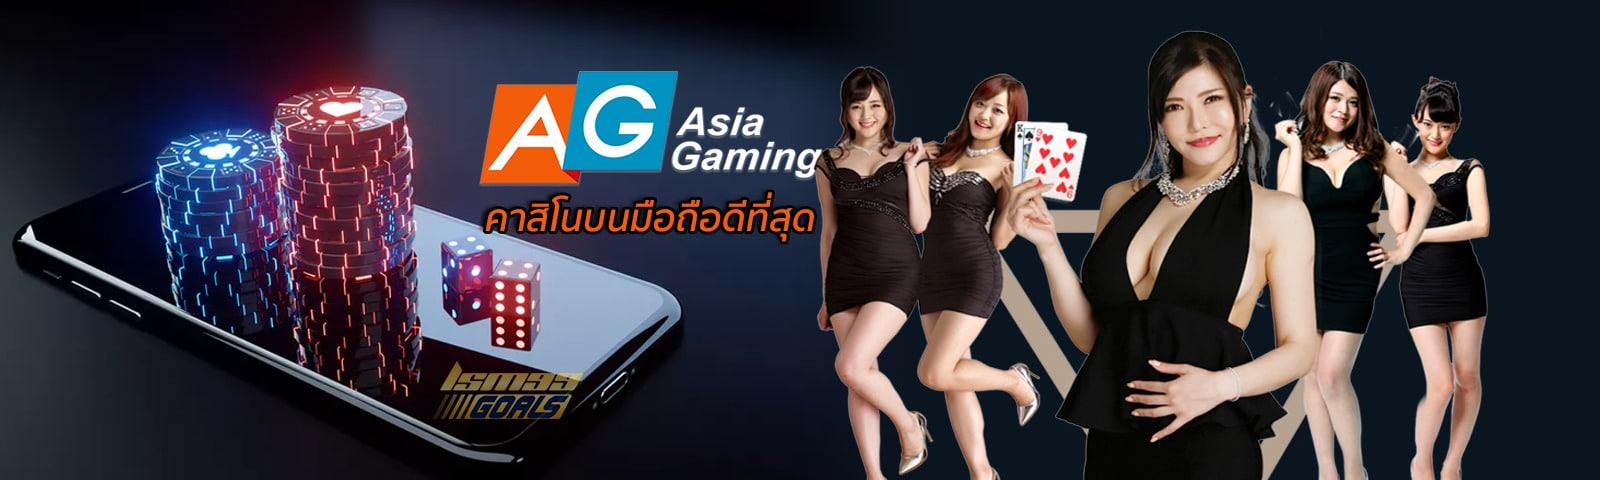 ทางเข้าAG Gaming